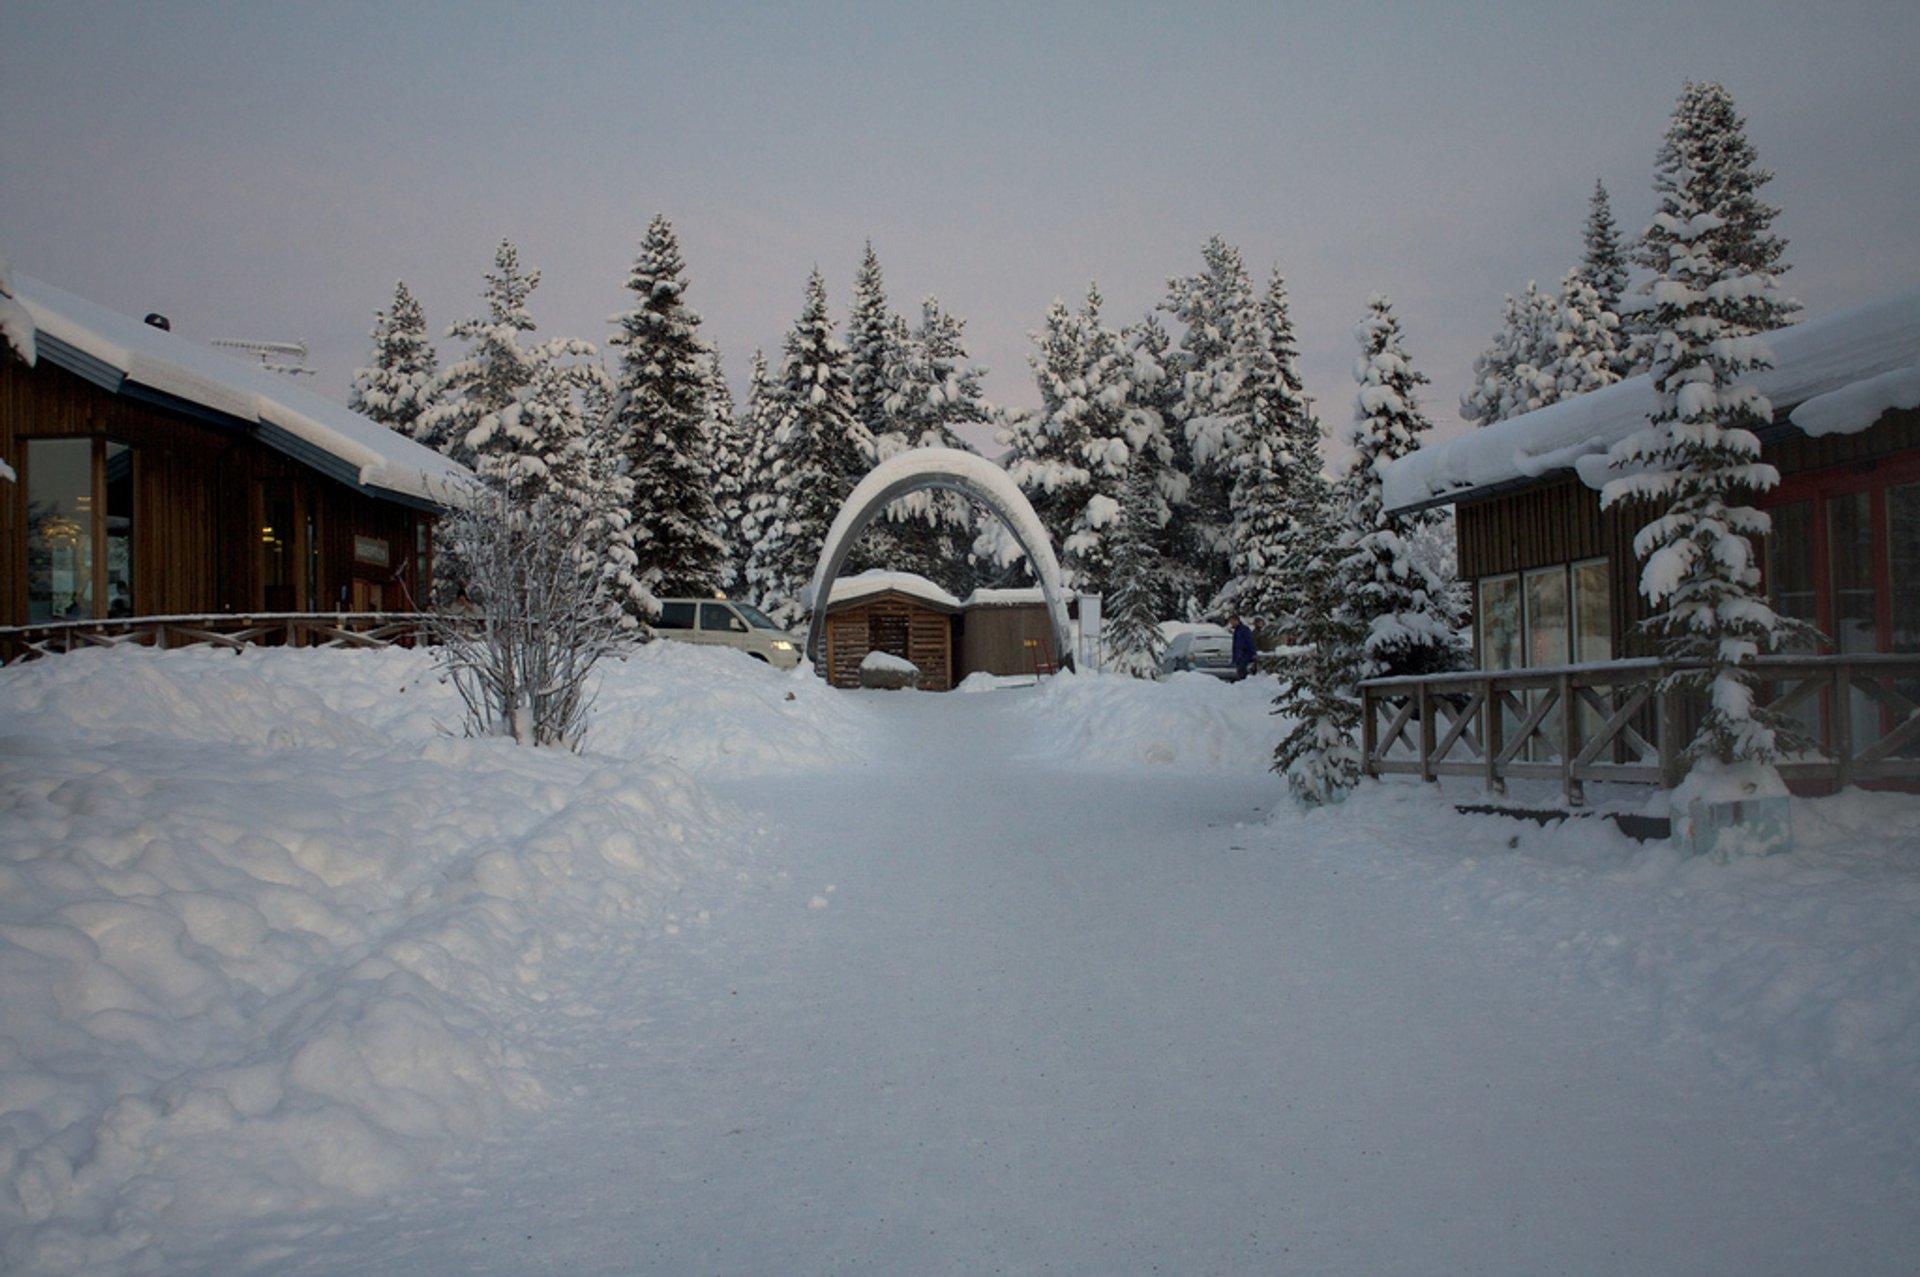 Ice Hotel in Sweden - Best Season 2020